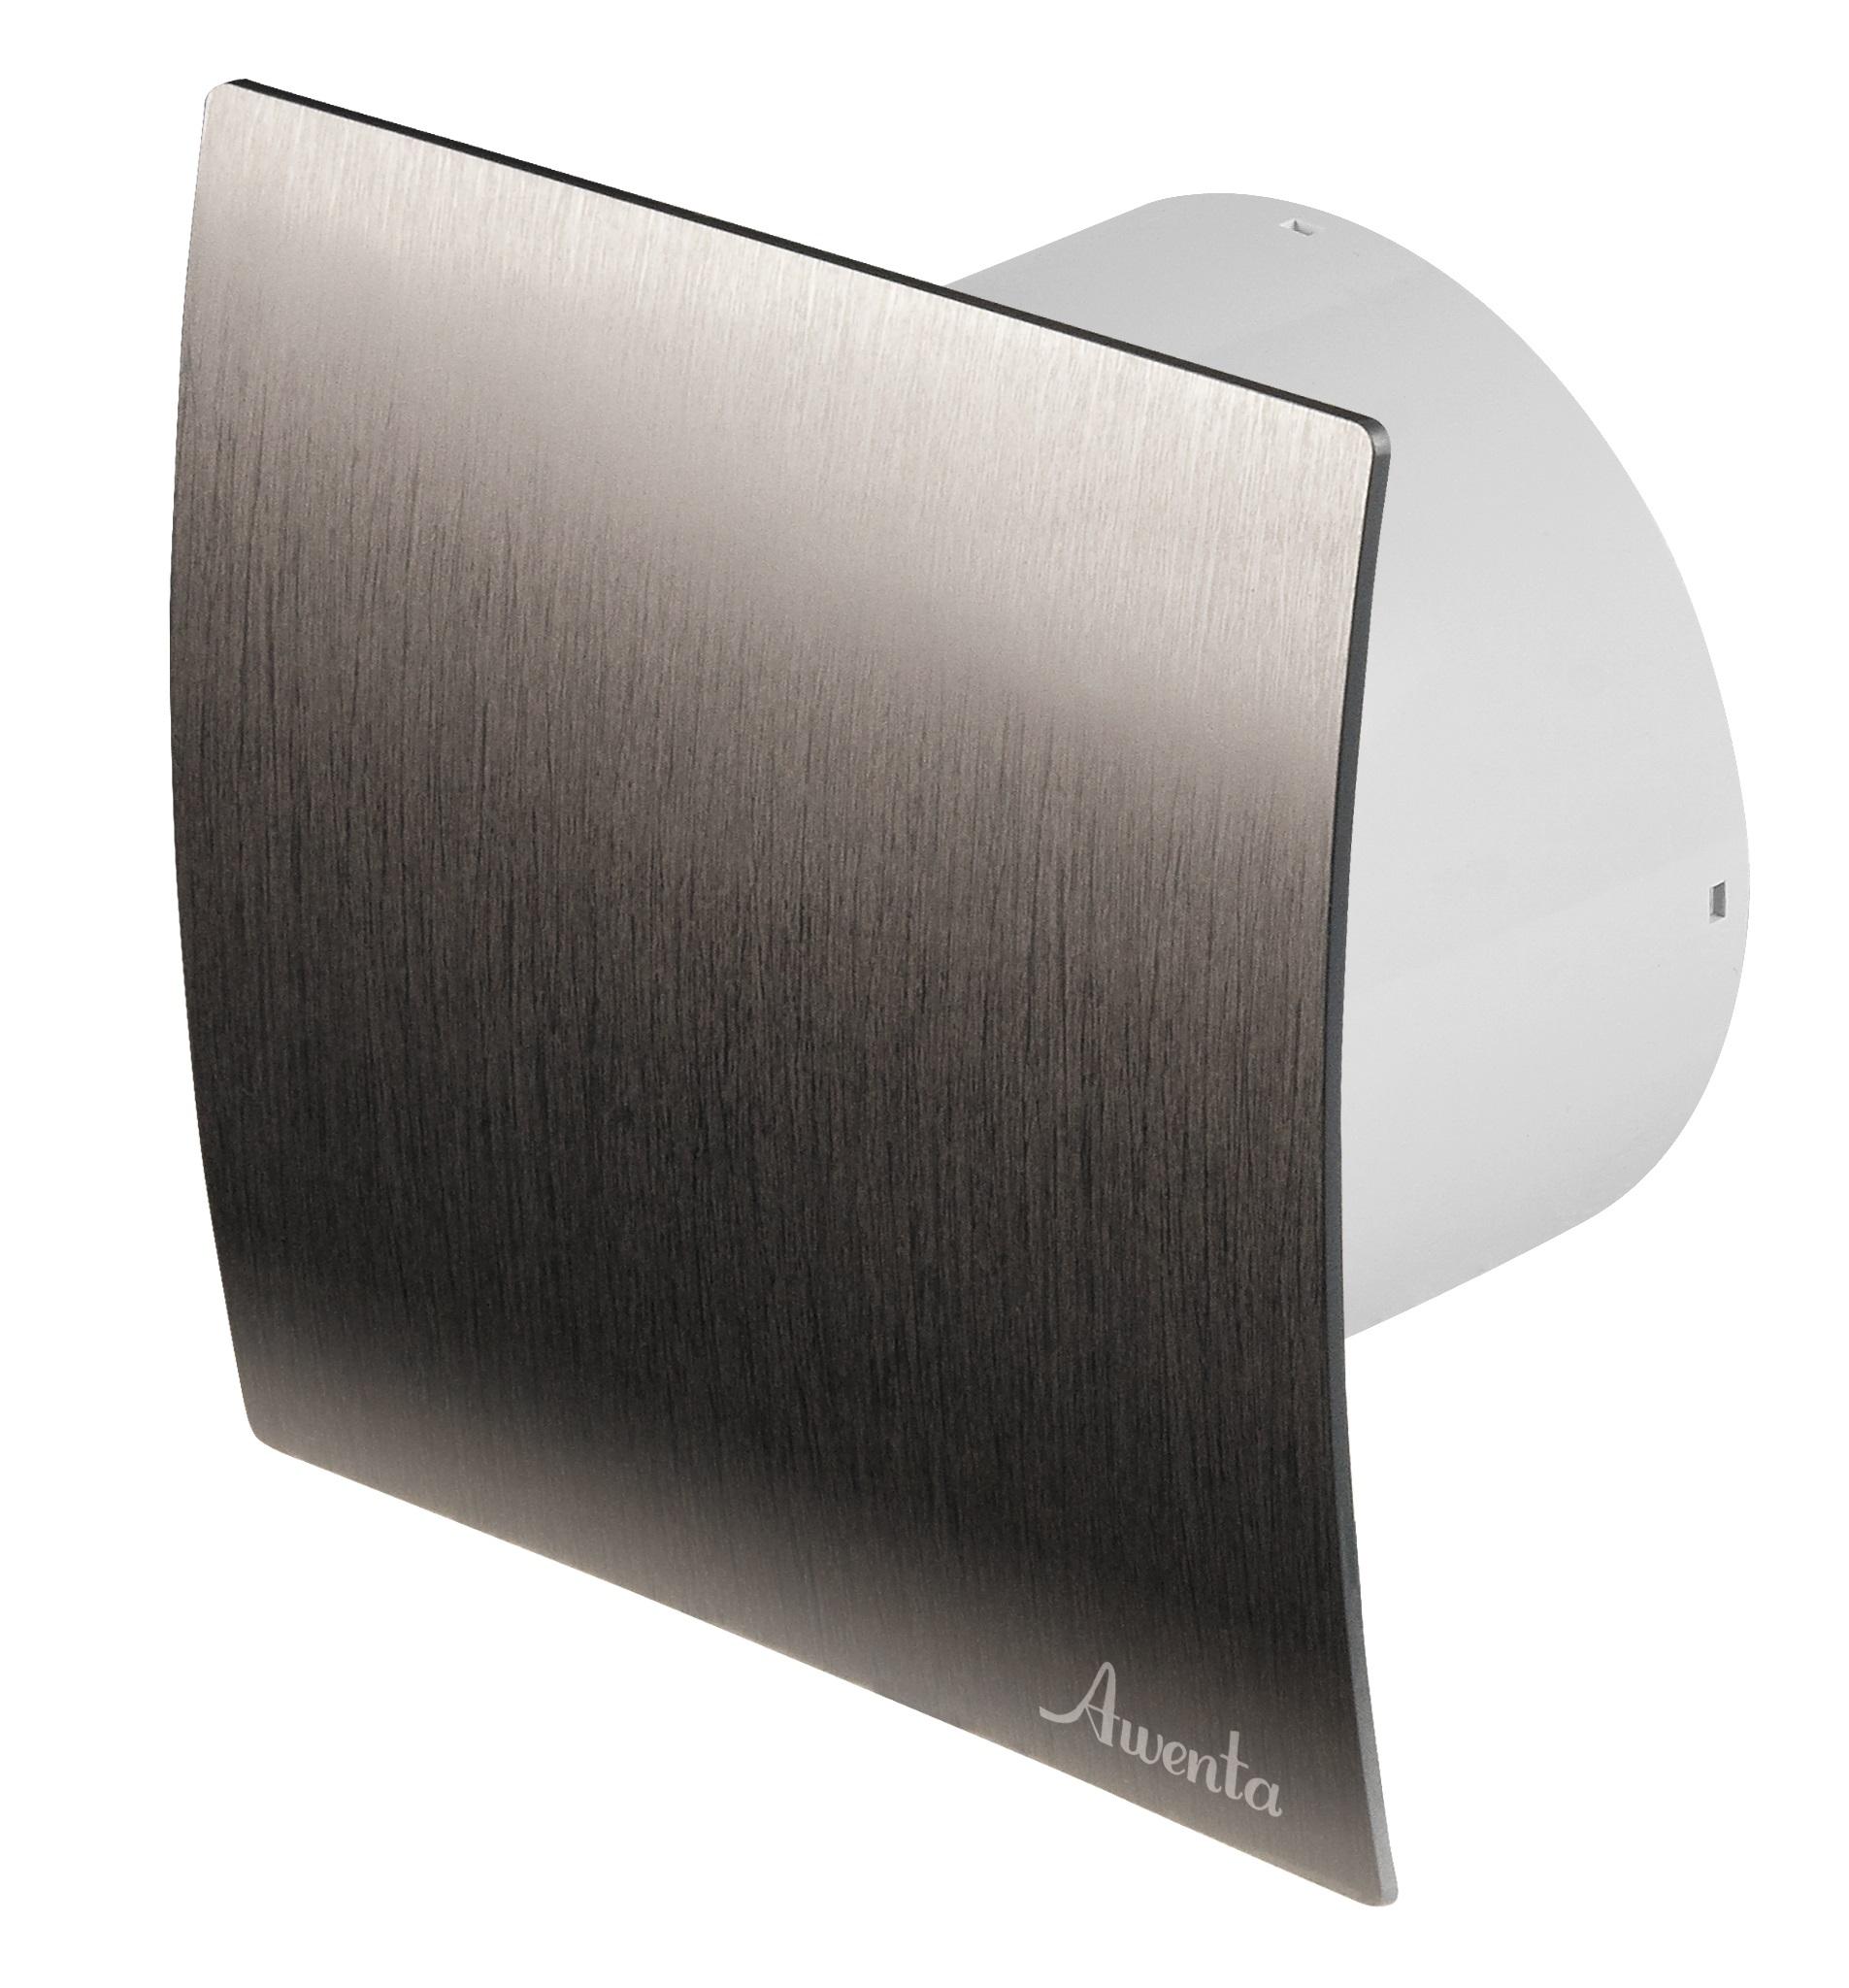 Awenta Kúpeľňa Ventilátor WES150 Strieborný štandard